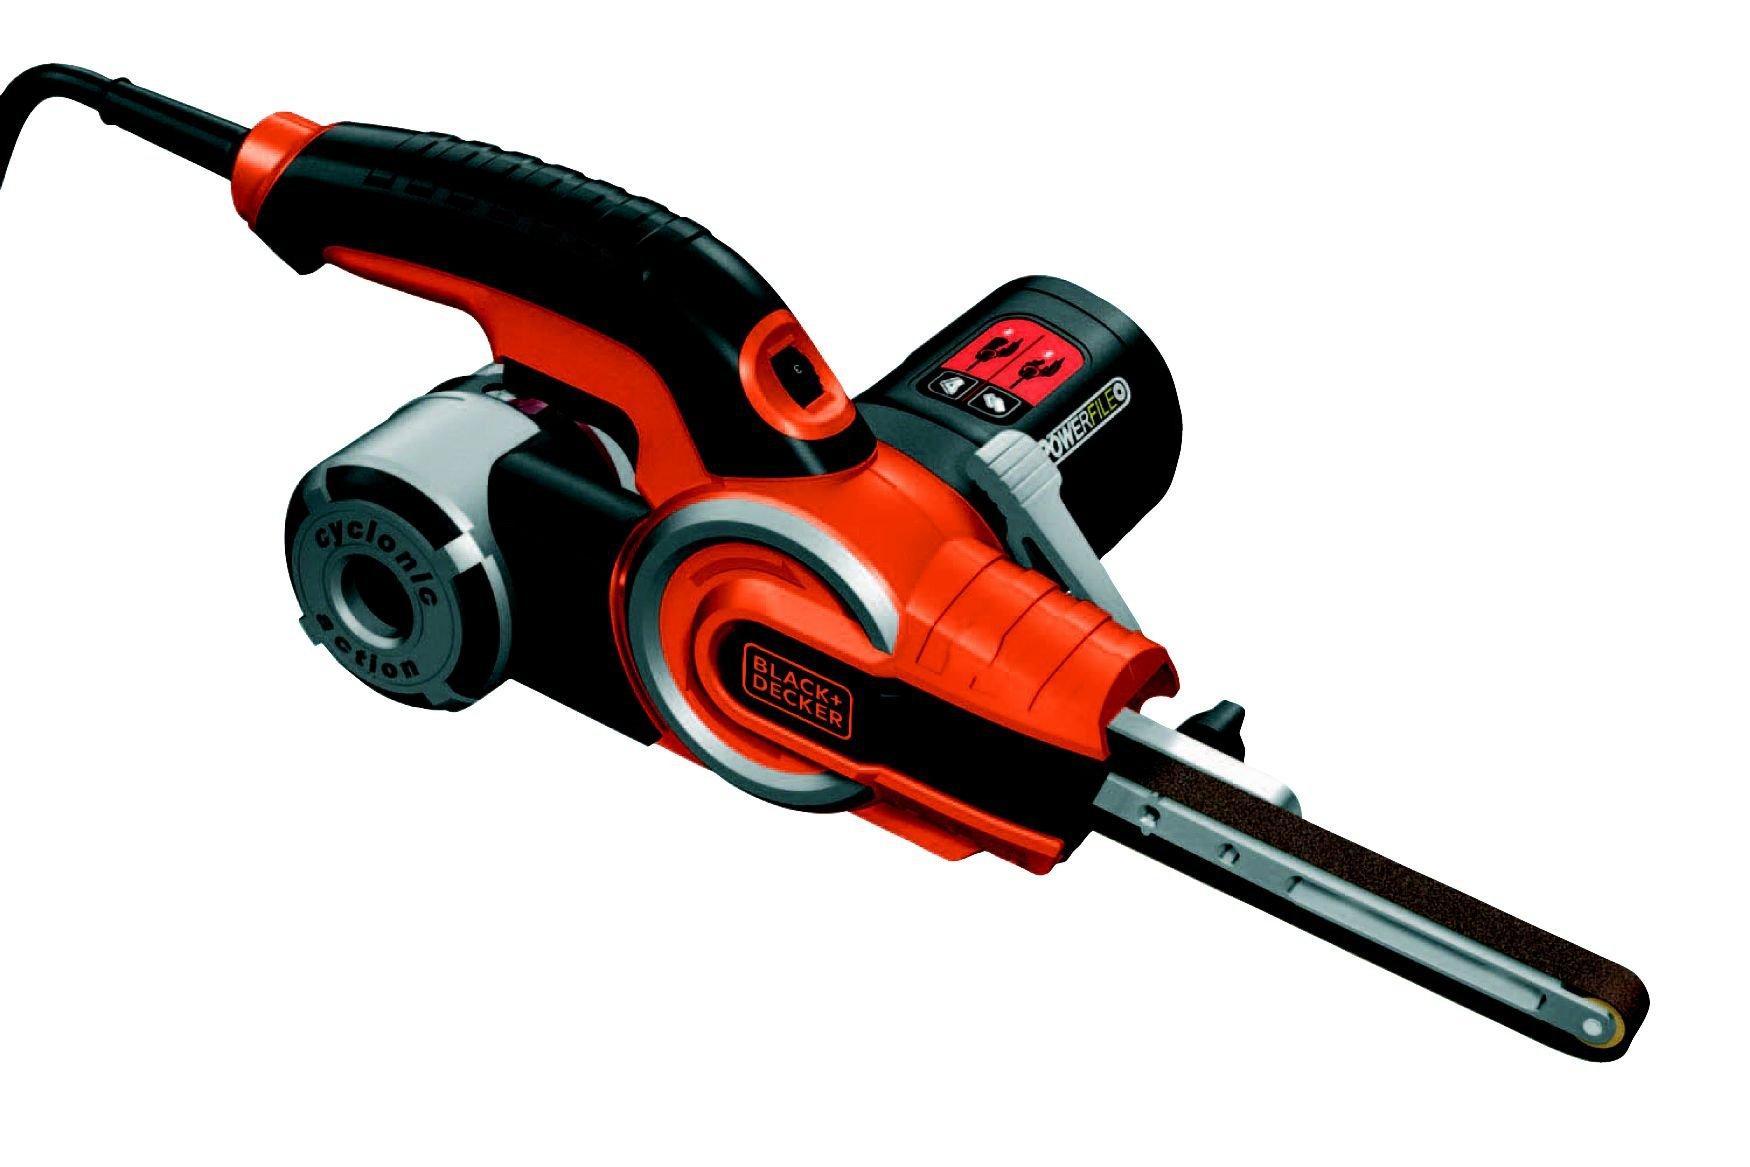 BLACK+DECKER KA902EK-QS Lime électrique filaire - 400W - 455 *13 mm - 900-1400 trs/min - variateur de vitesse - Accessoires : 2 bras droits 13 et 6mm, 1 bras coudé 13 mm, 6 bandes abrasives product image